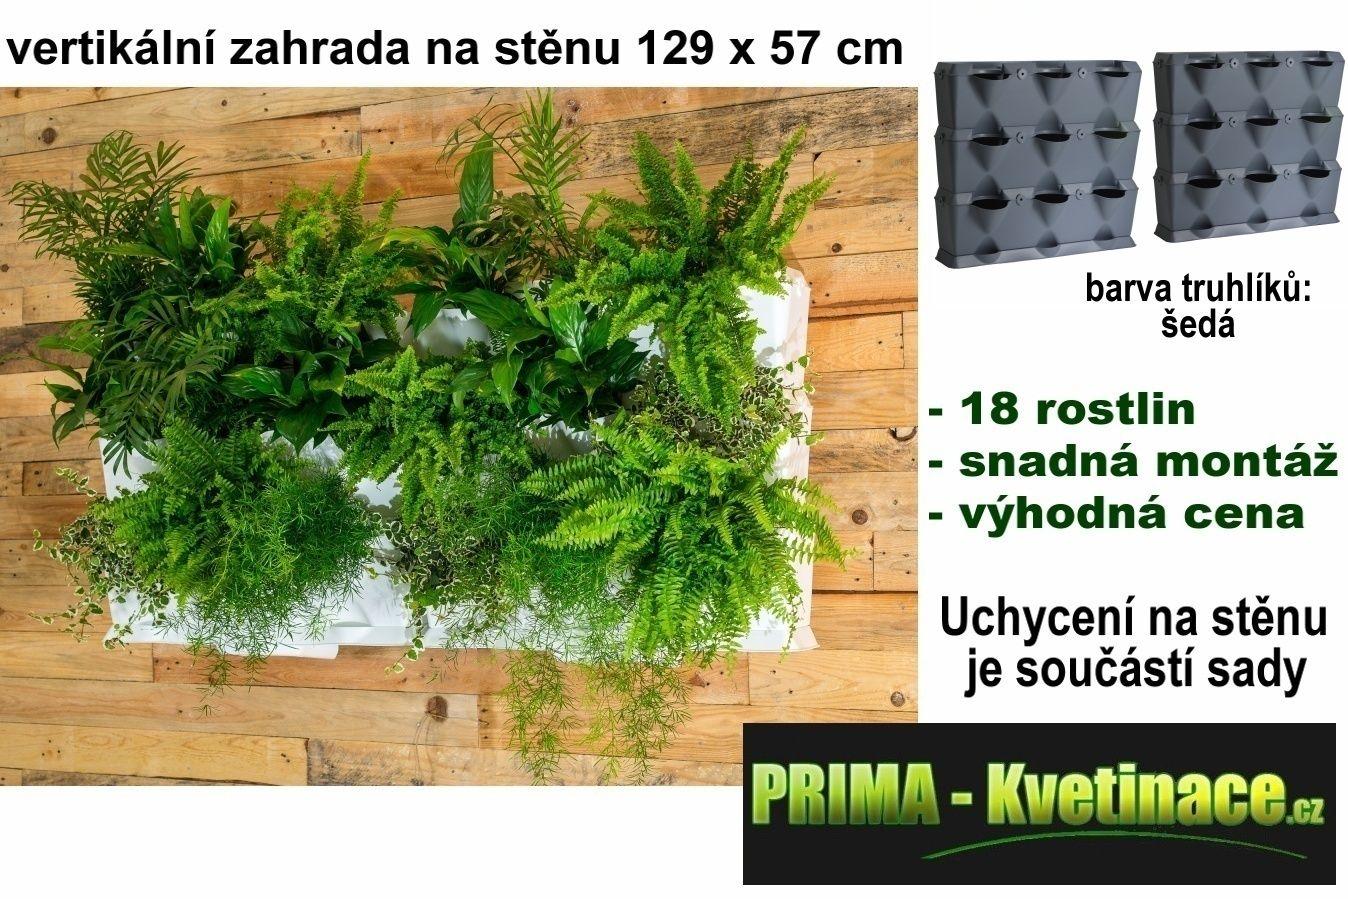 Prima-květináče vertikální květináče, kaskádové venkovní plastové květináče, kaskádový květináč na jahody Minigarden samozavlažovací plastové venkovní závěsné